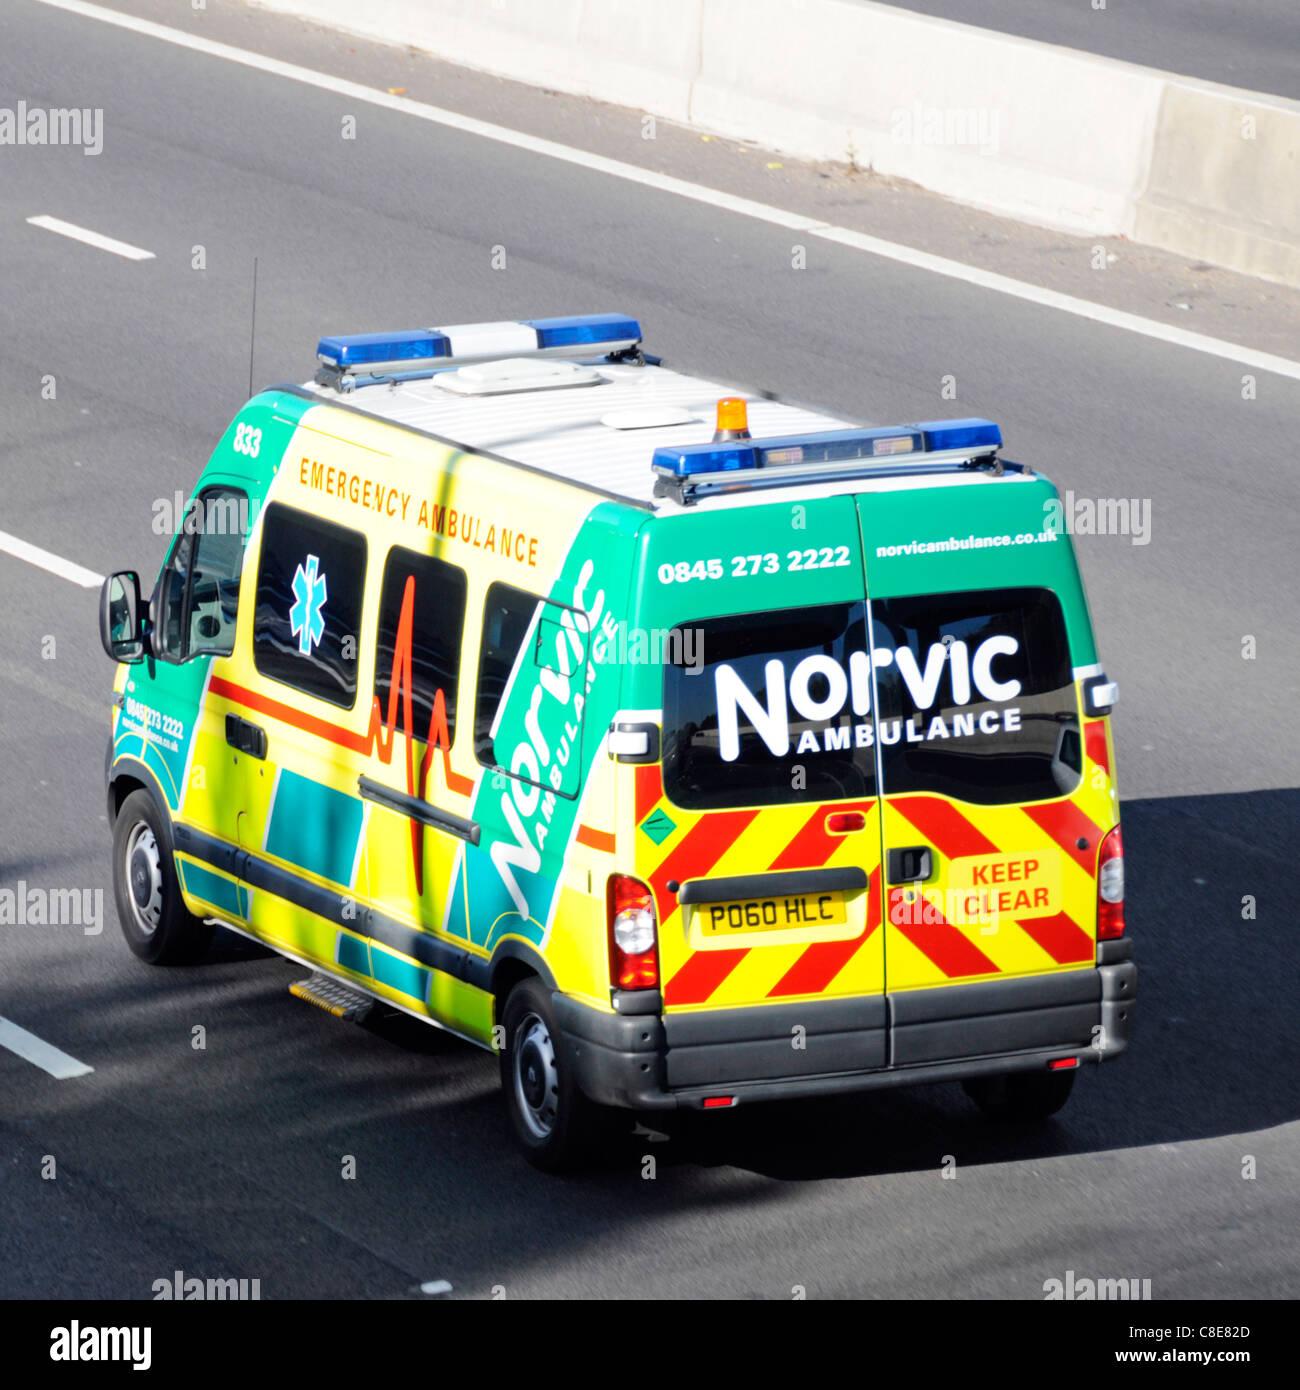 Norvic secteur privé de soins de santé d'urgence ambulance conduisant le long d'autoroute M25 Photo Stock